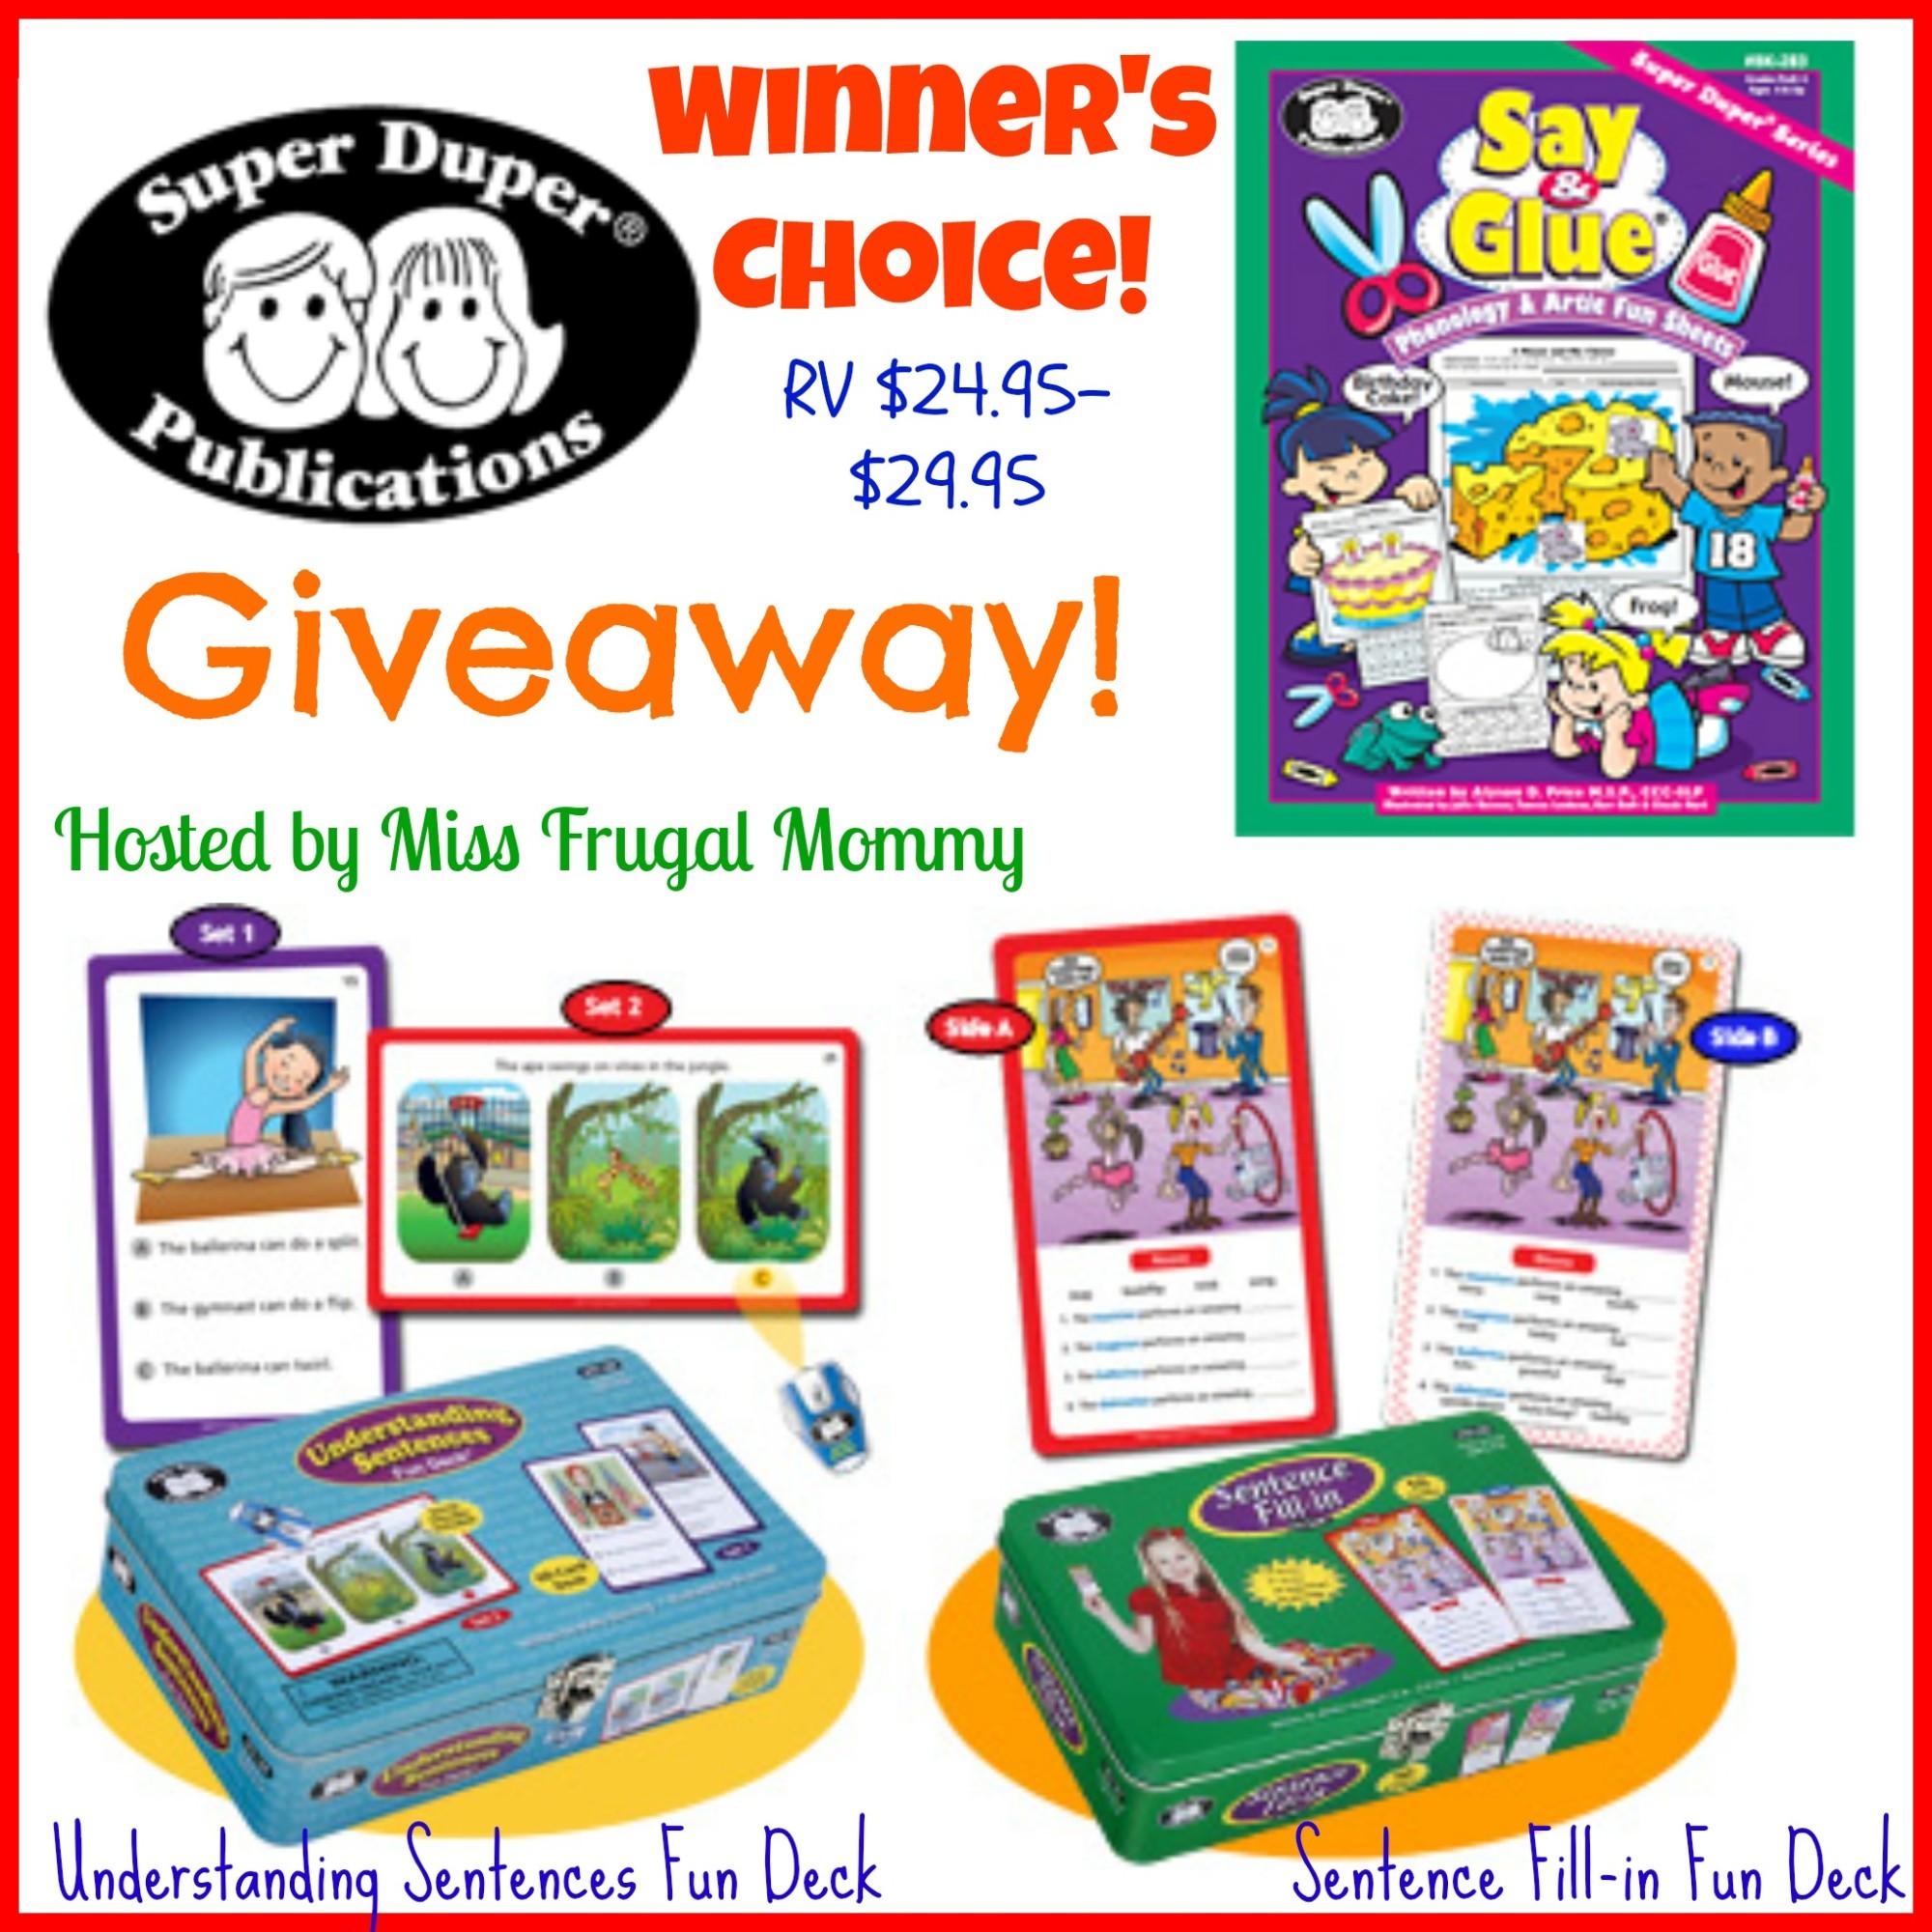 Super Duper Publications Giveaway